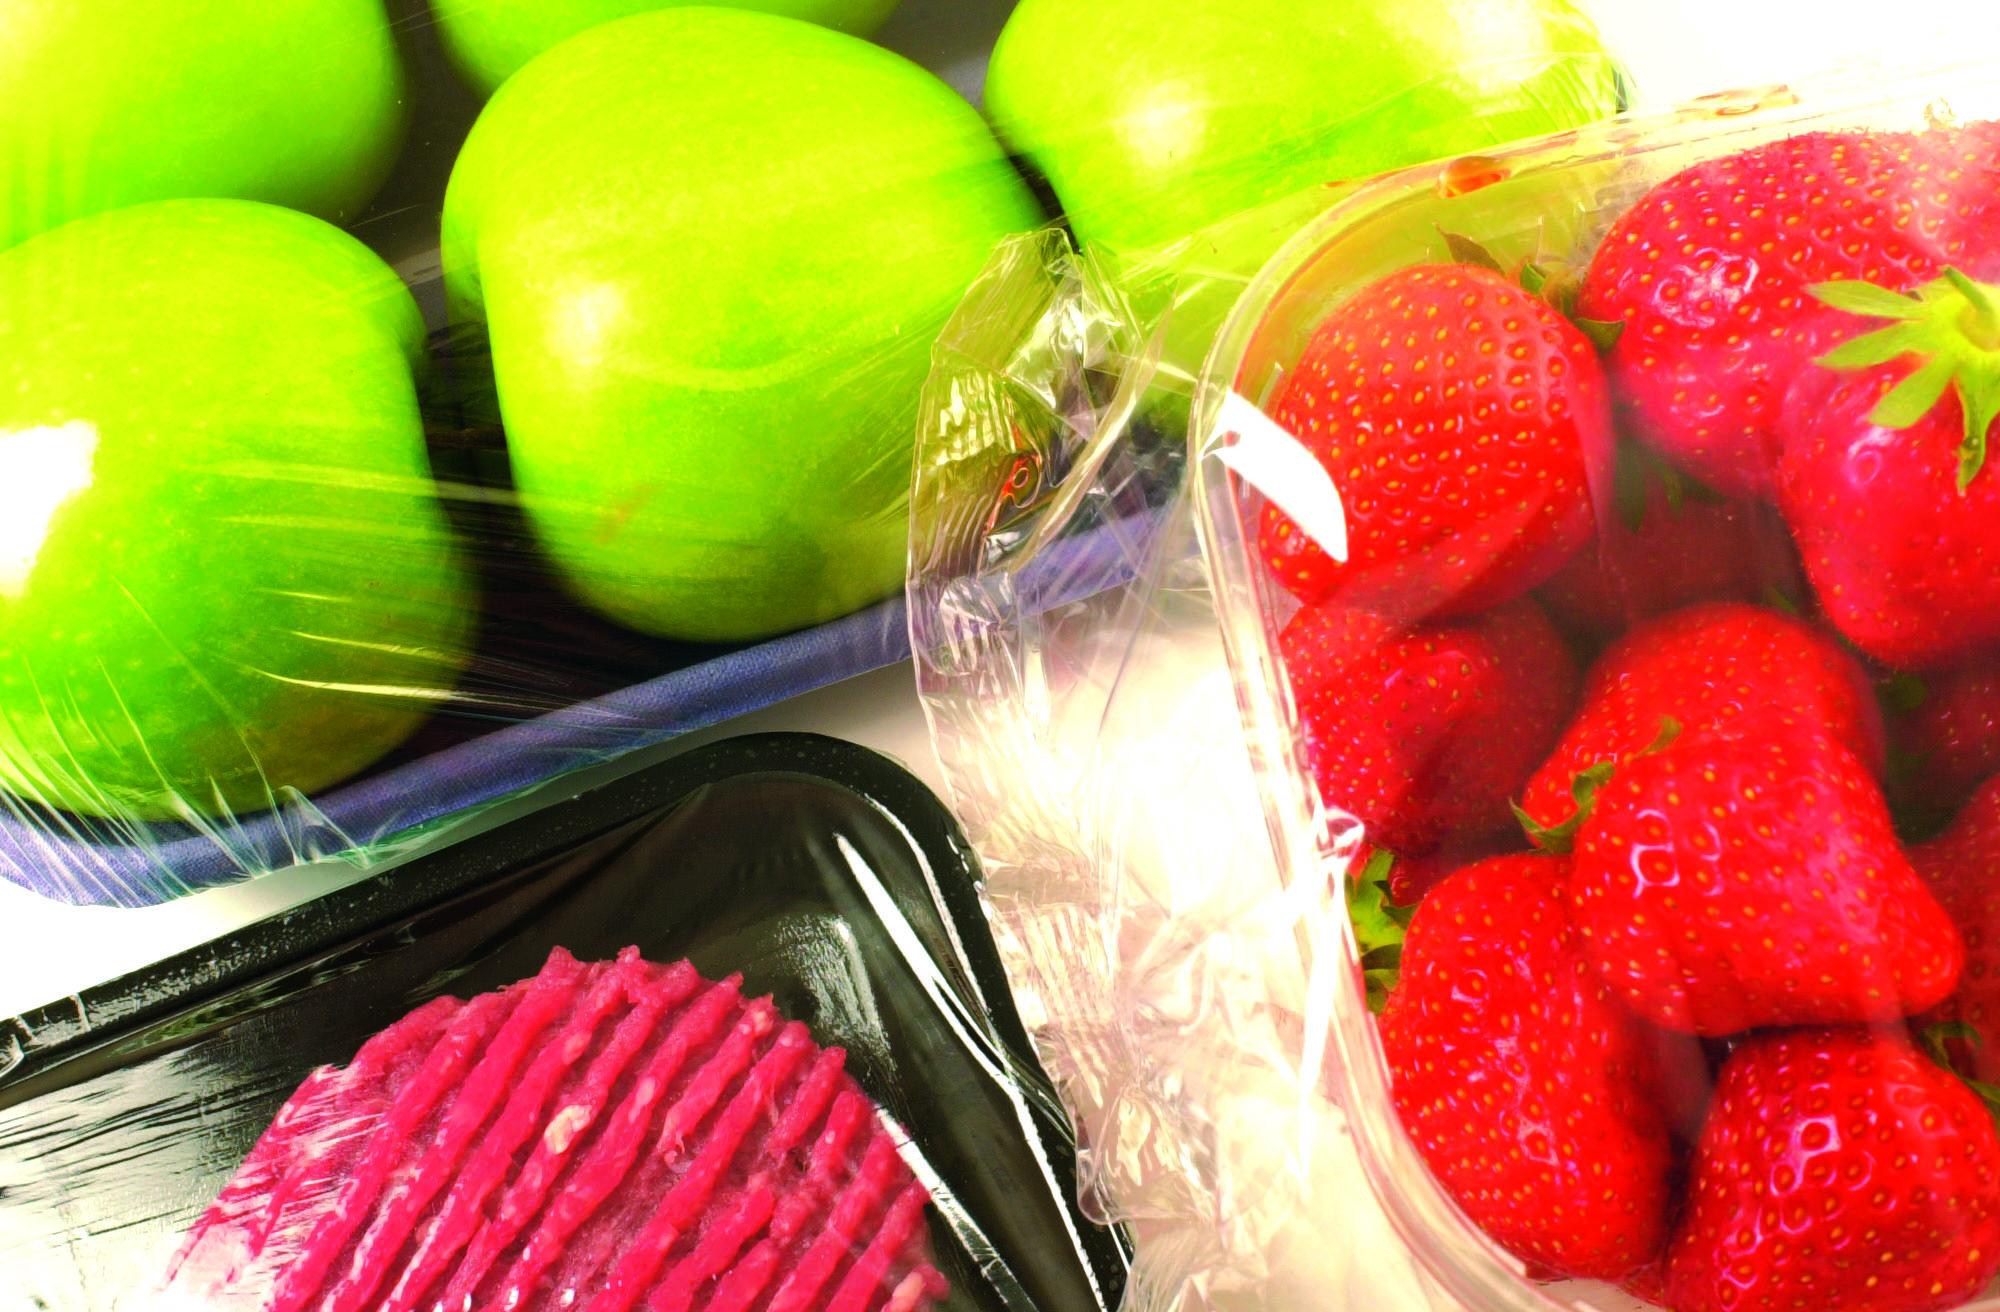 Paketli Gıda Tehlikesi çiftçiden eve